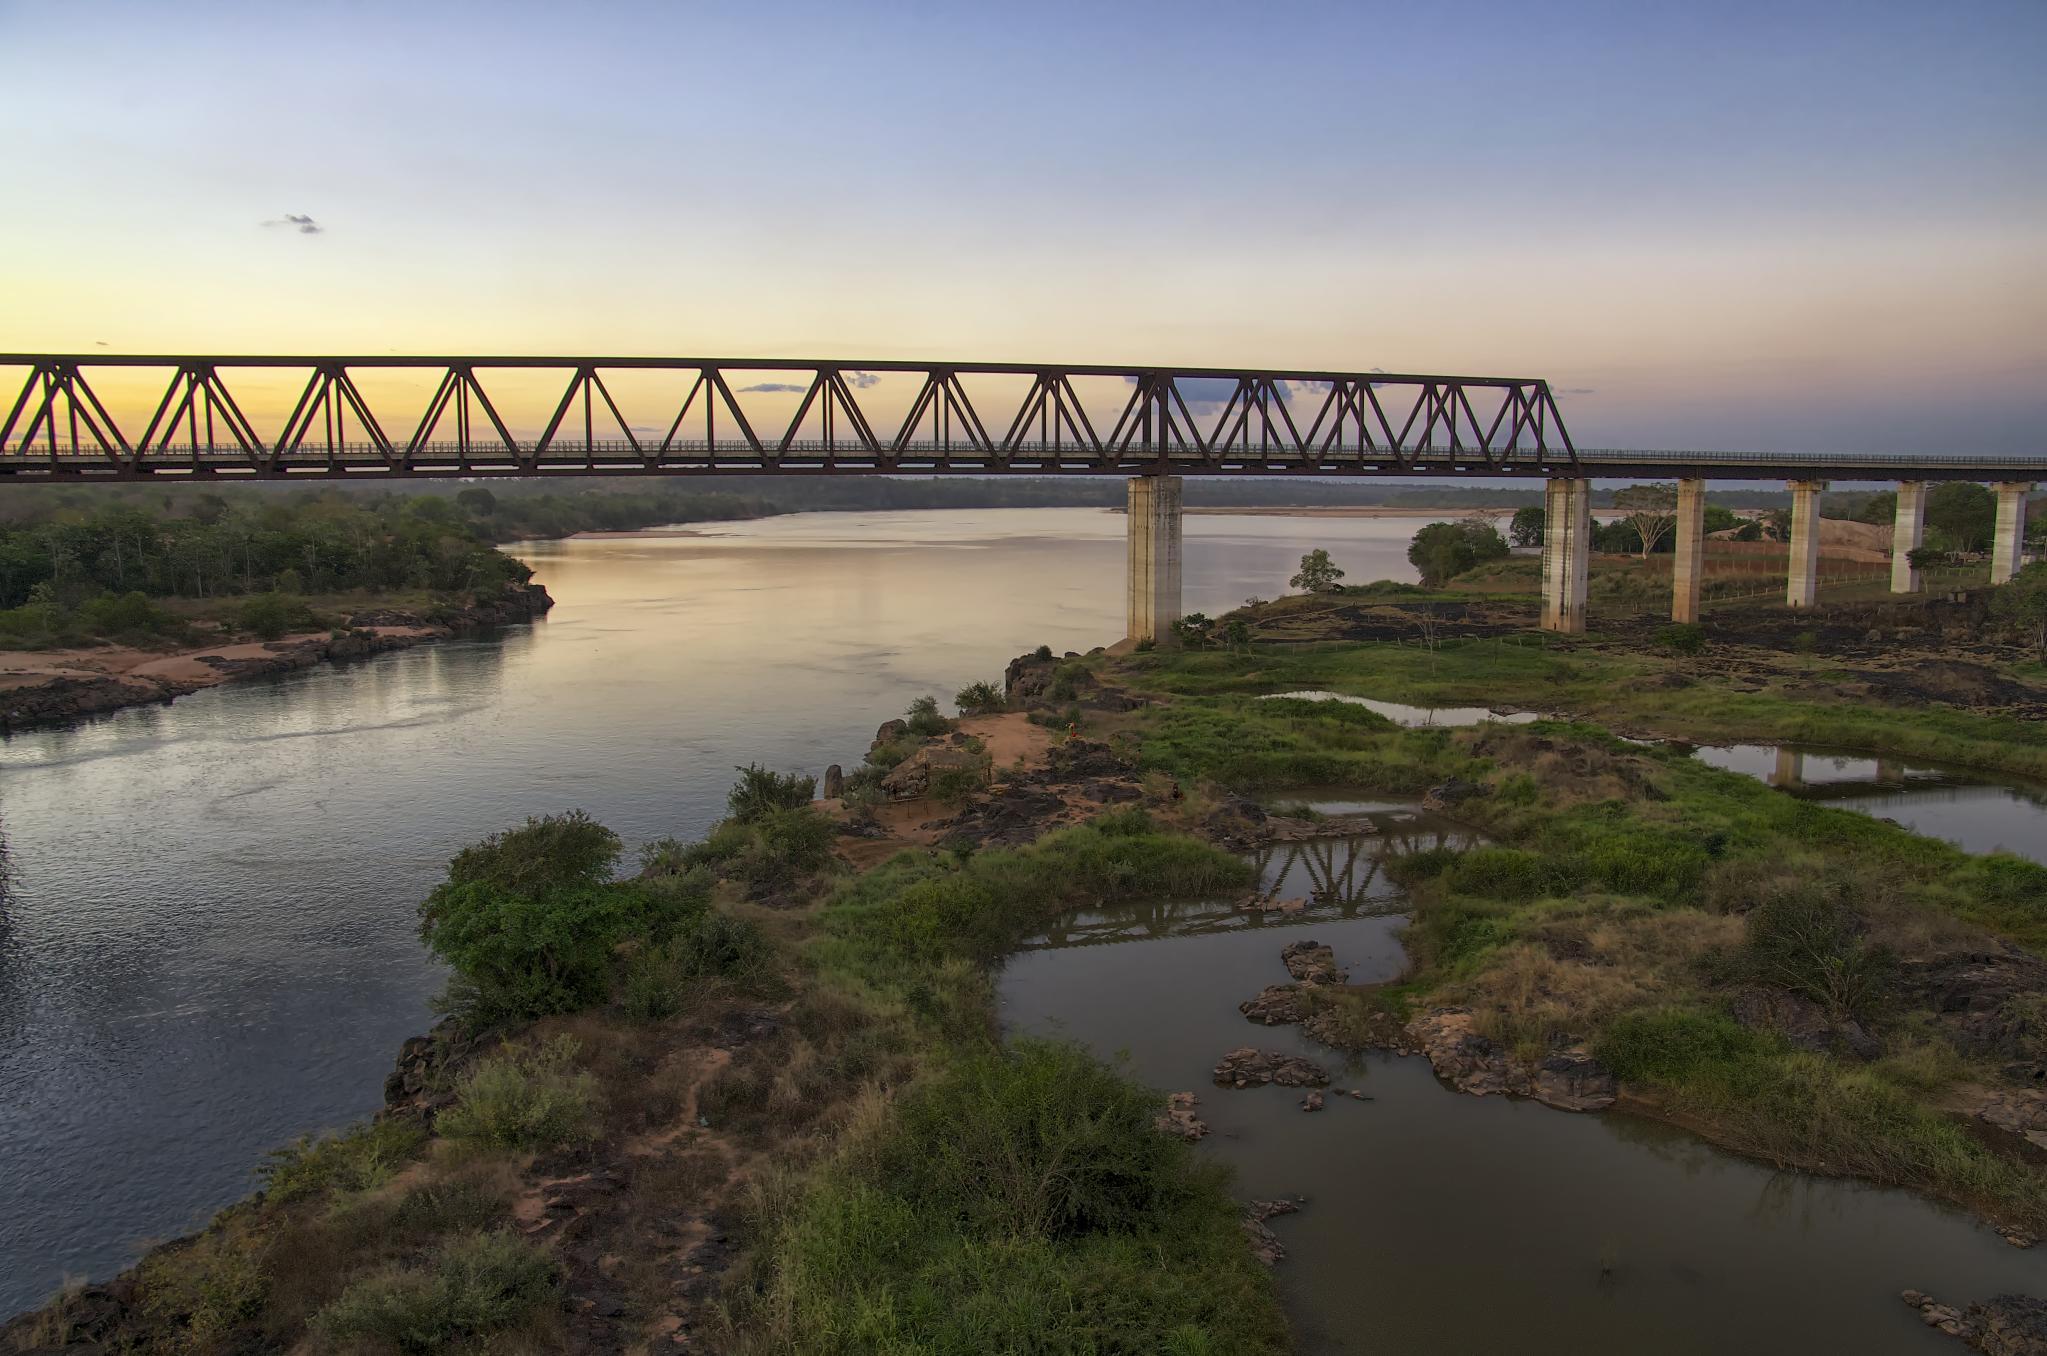 Estreito Maranhão fonte: upload.wikimedia.org